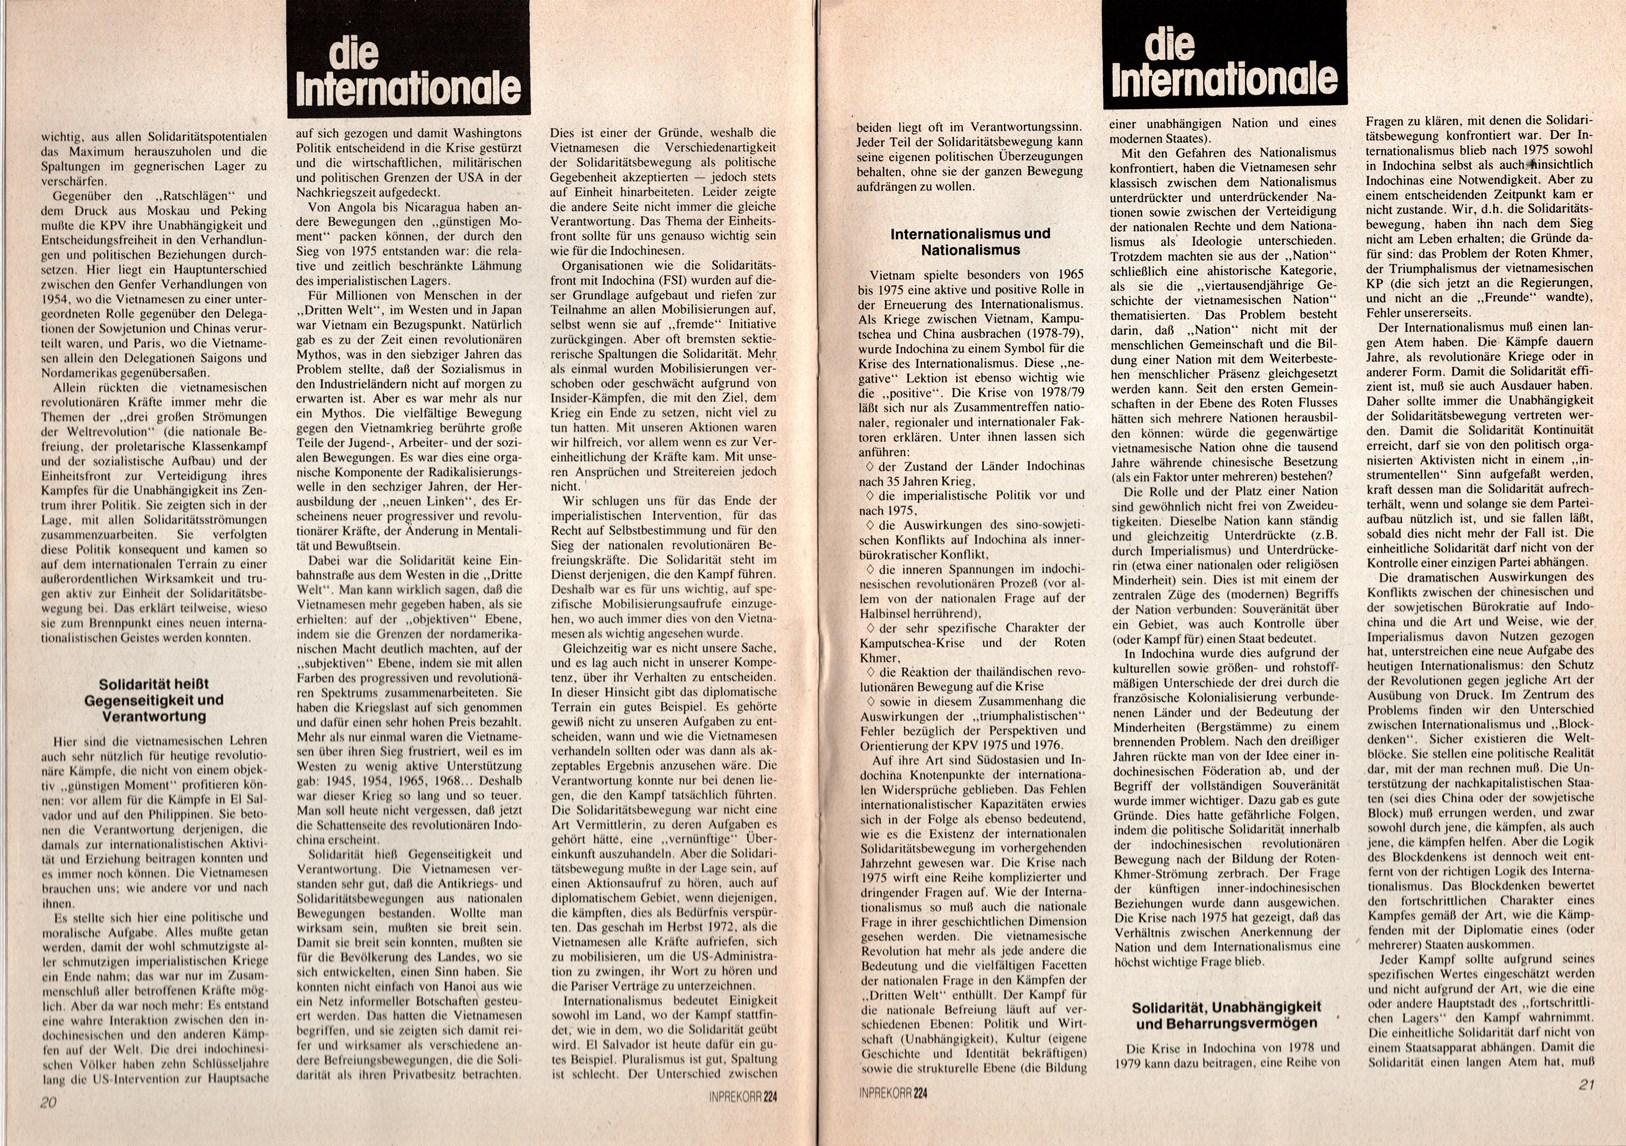 Inprekorr_19900200_224_011